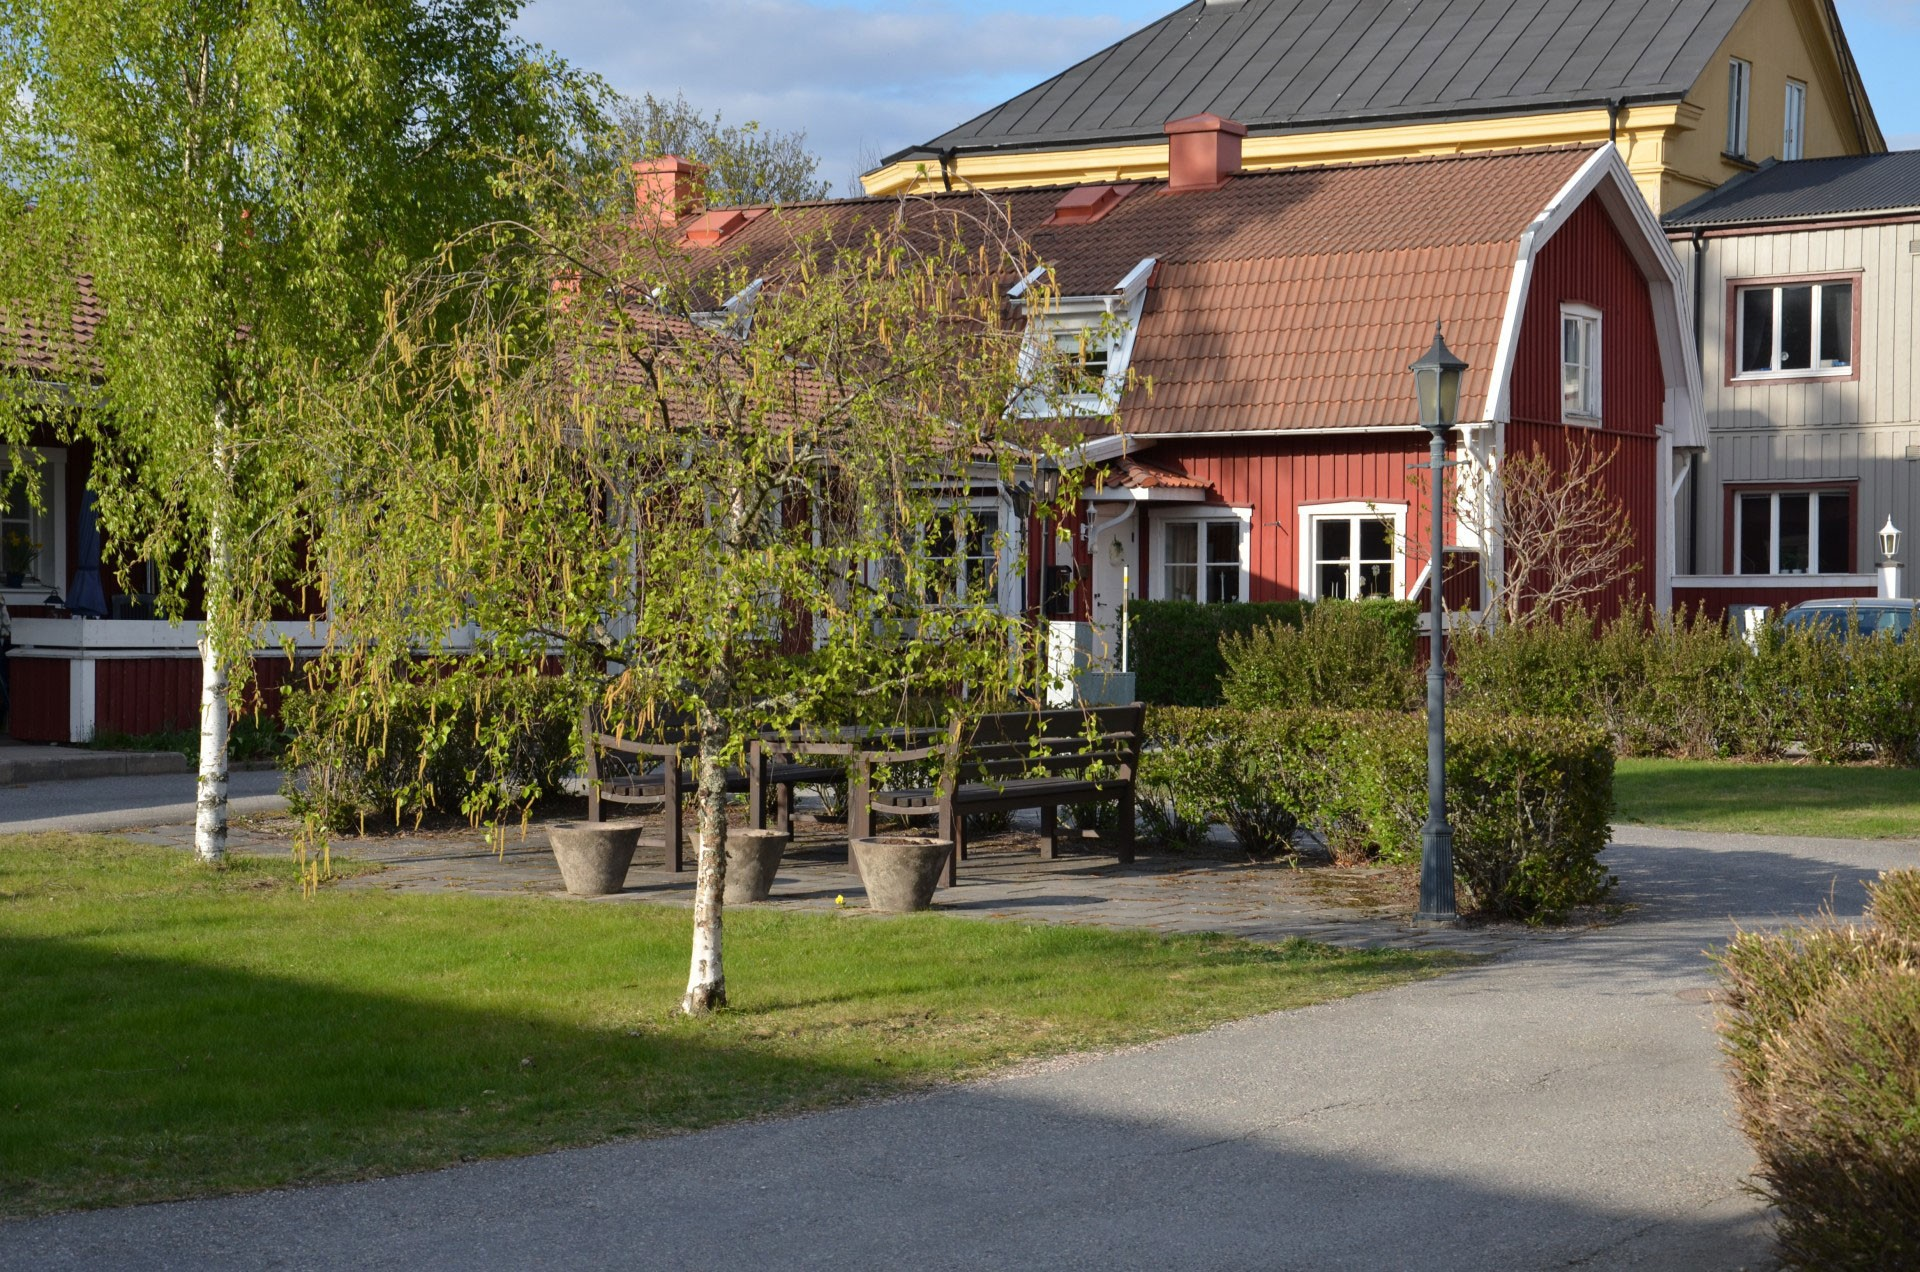 Tullgatan-1920x1272-(1)